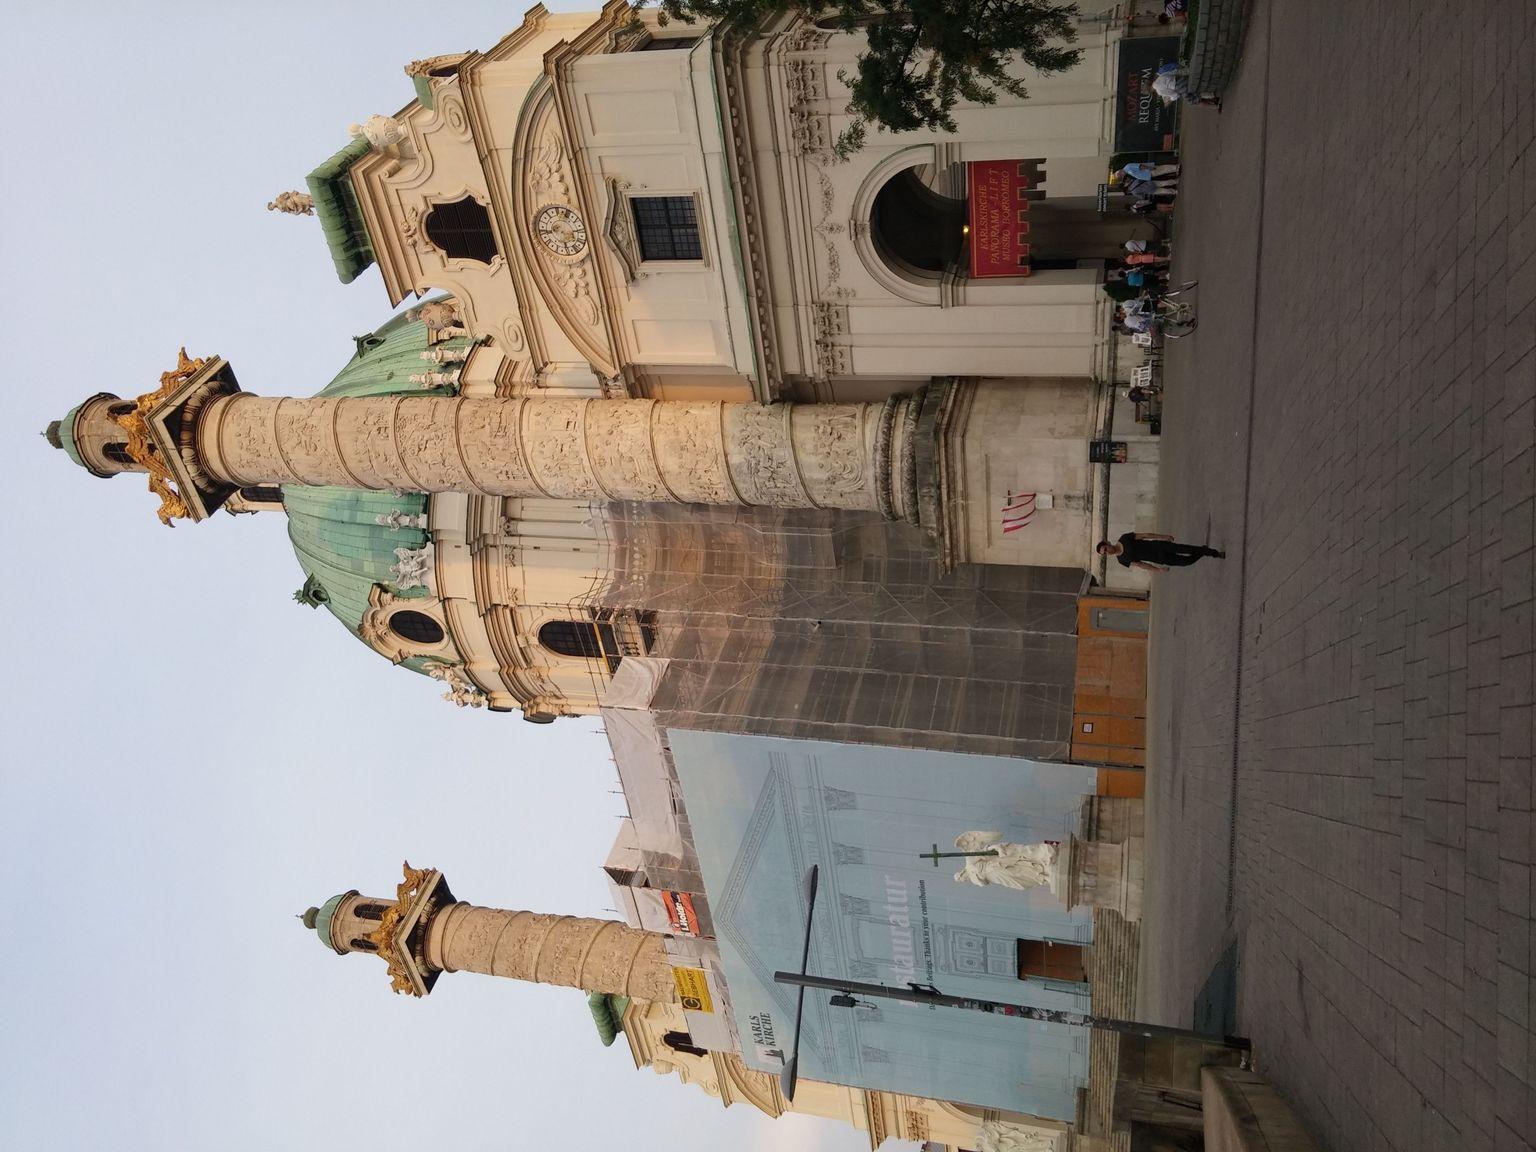 MÁS FOTOS, Concierto del Réquiem de Mozart en la Iglesia de San Carlos en Viena